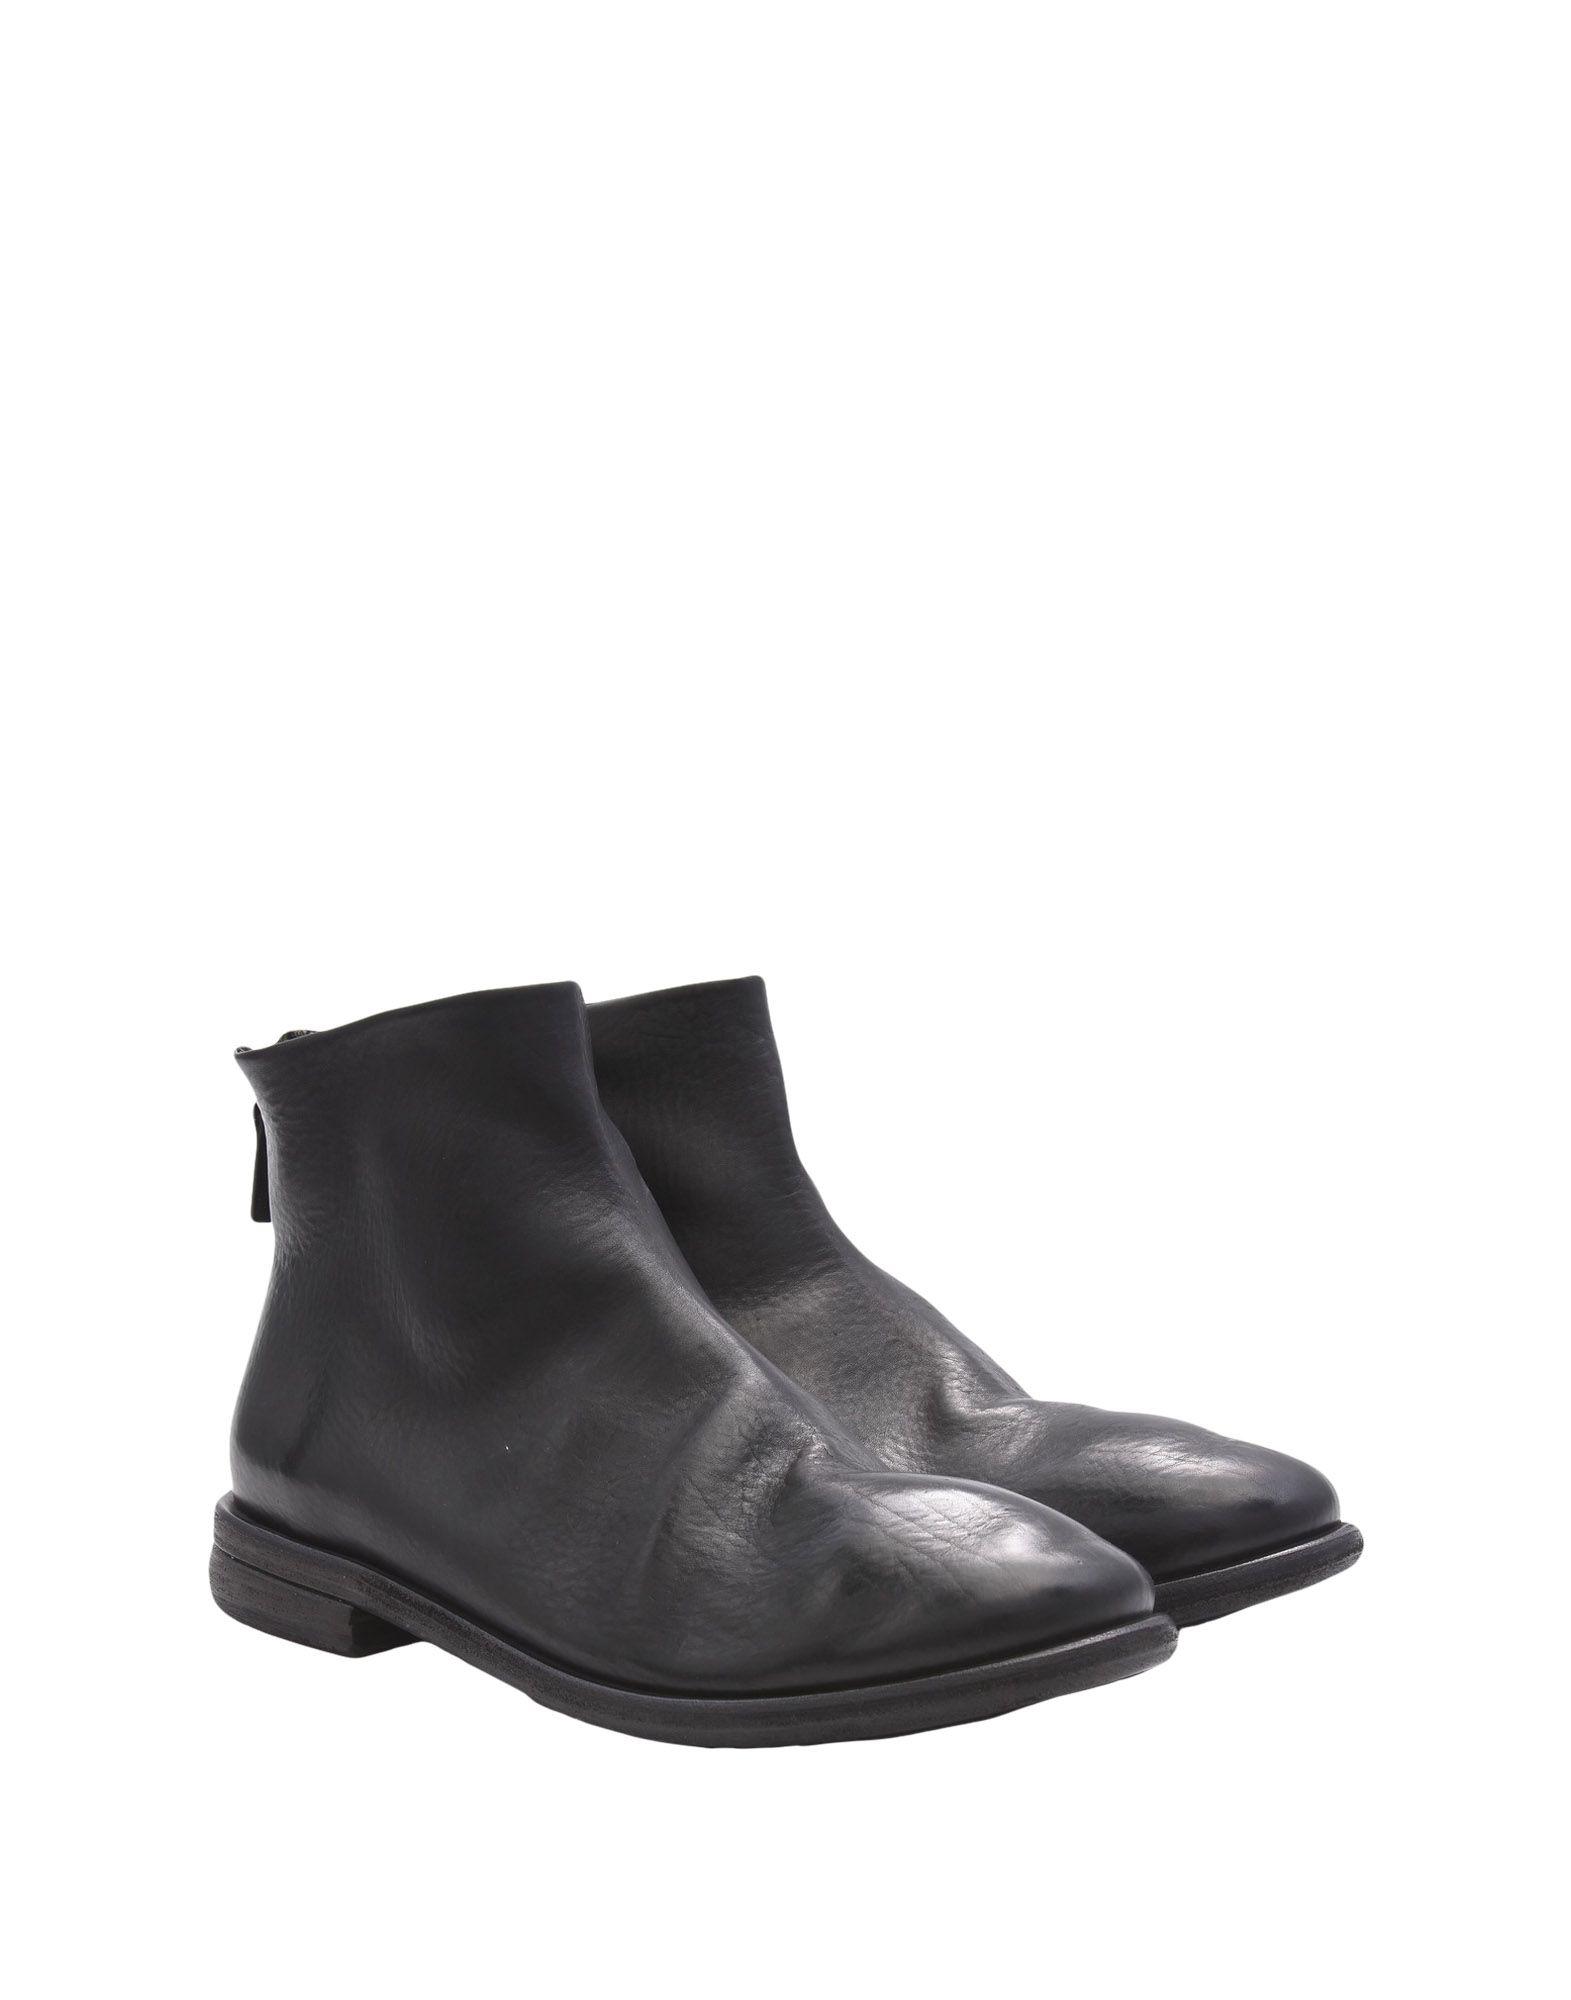 Marsèll Stiefelette Herren  11524625US Gute Qualität beliebte Schuhe Schuhe Schuhe 66d8c6